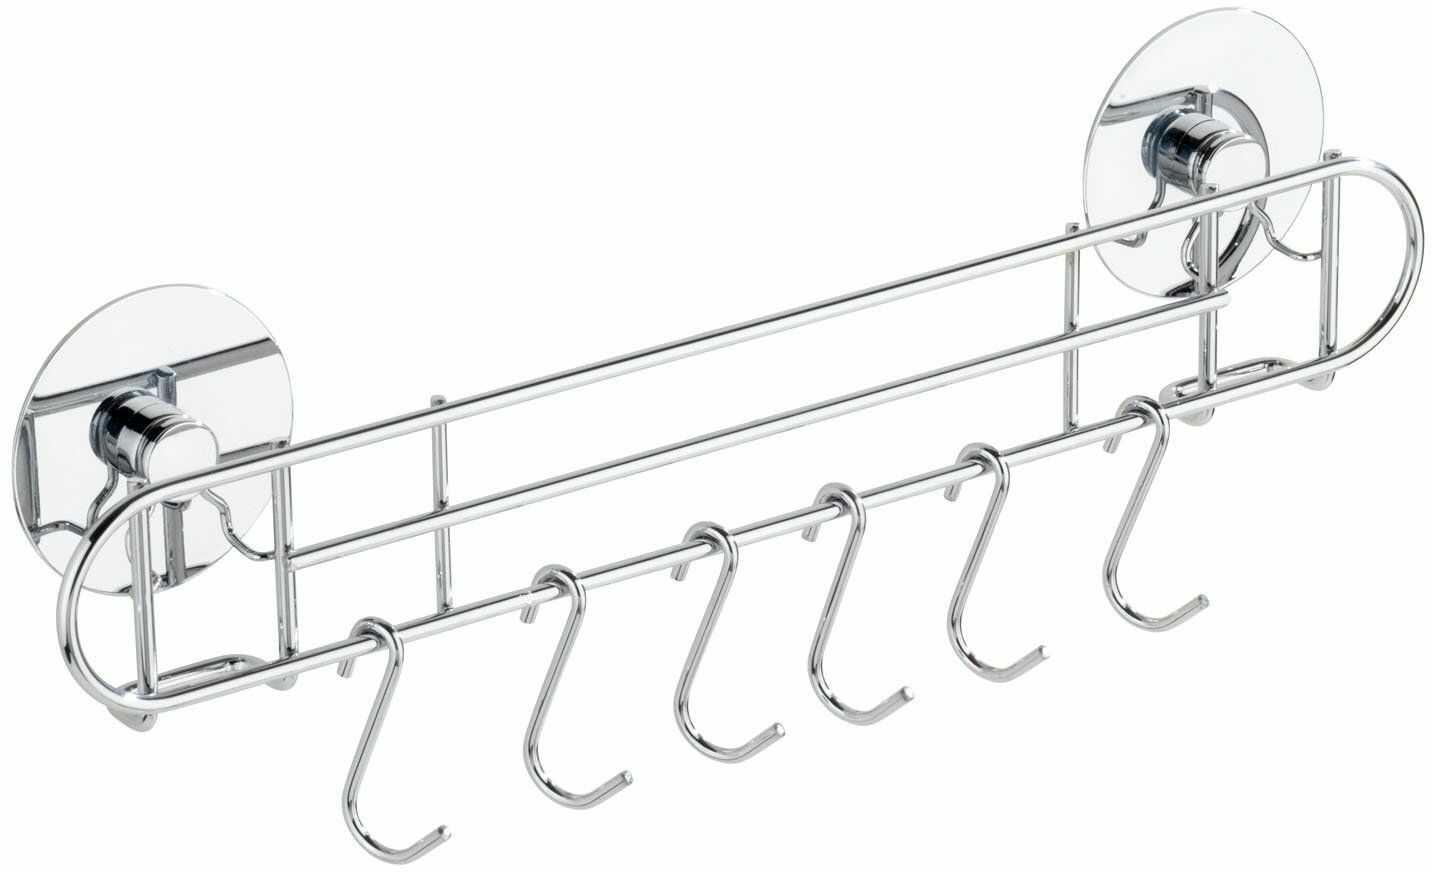 Wenko TurboFIX reling kuchenny, z 6 hakami  mocowanie bez wiercenia, 31,5 x 9,5 x 5 cm, srebrny błyszczący